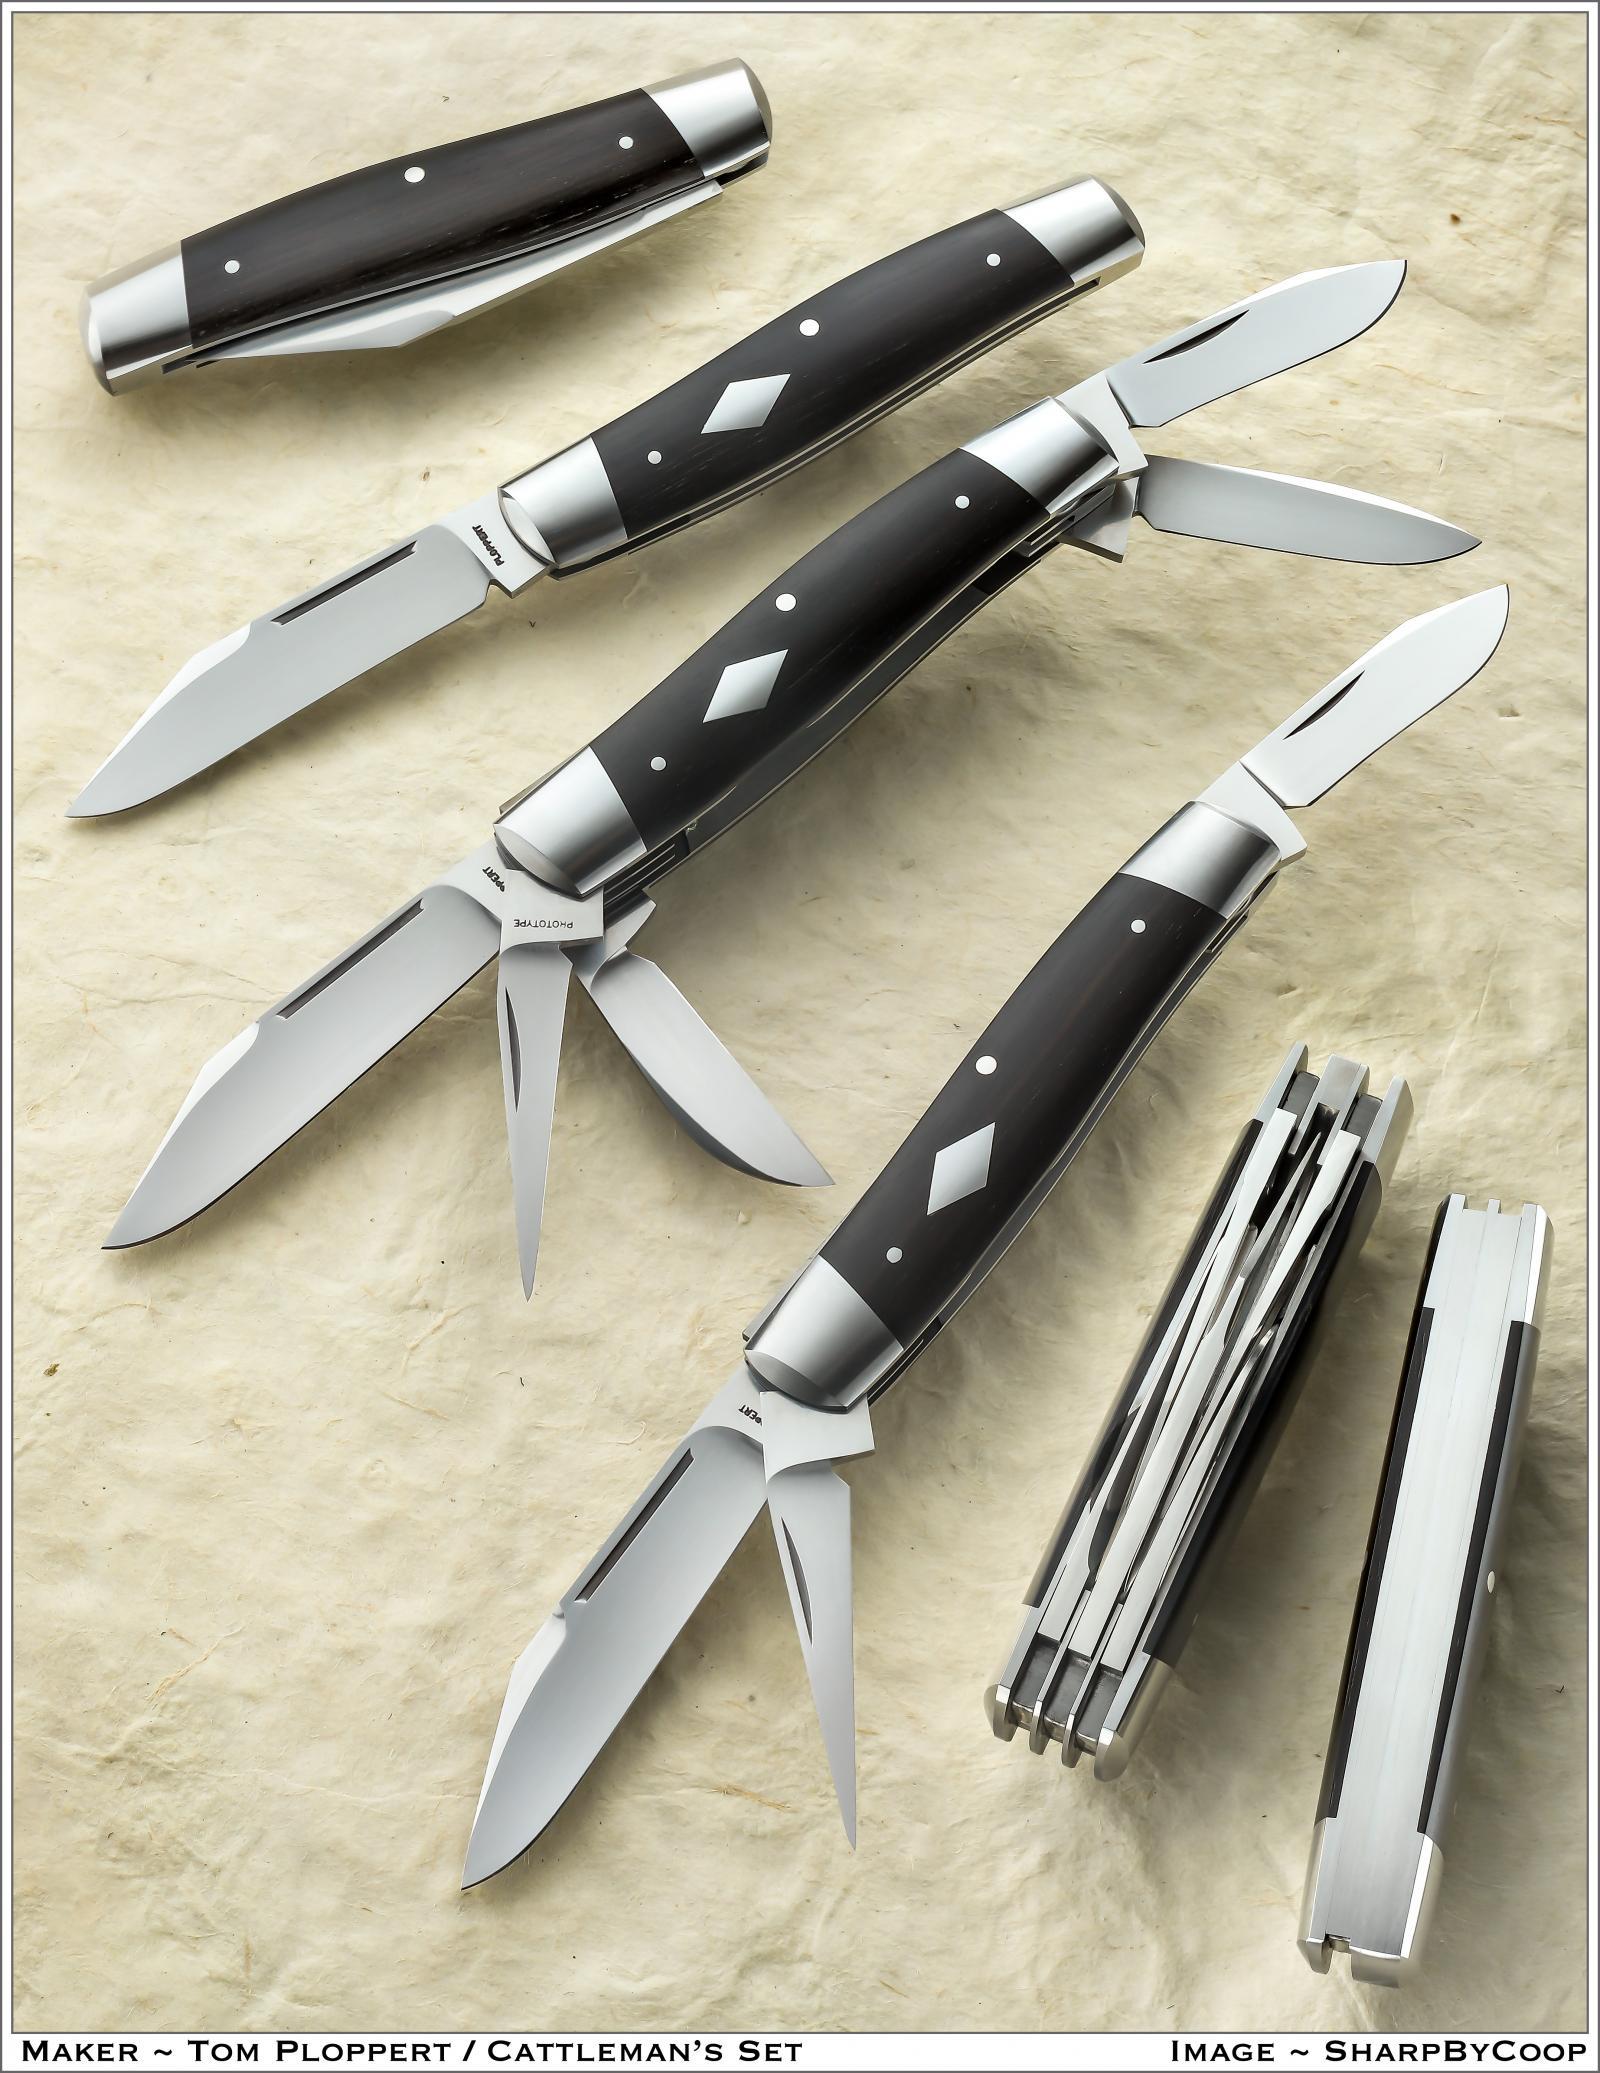 Tom Ploppert Custom Diamond Edge Cattle Knives Set with Display Case